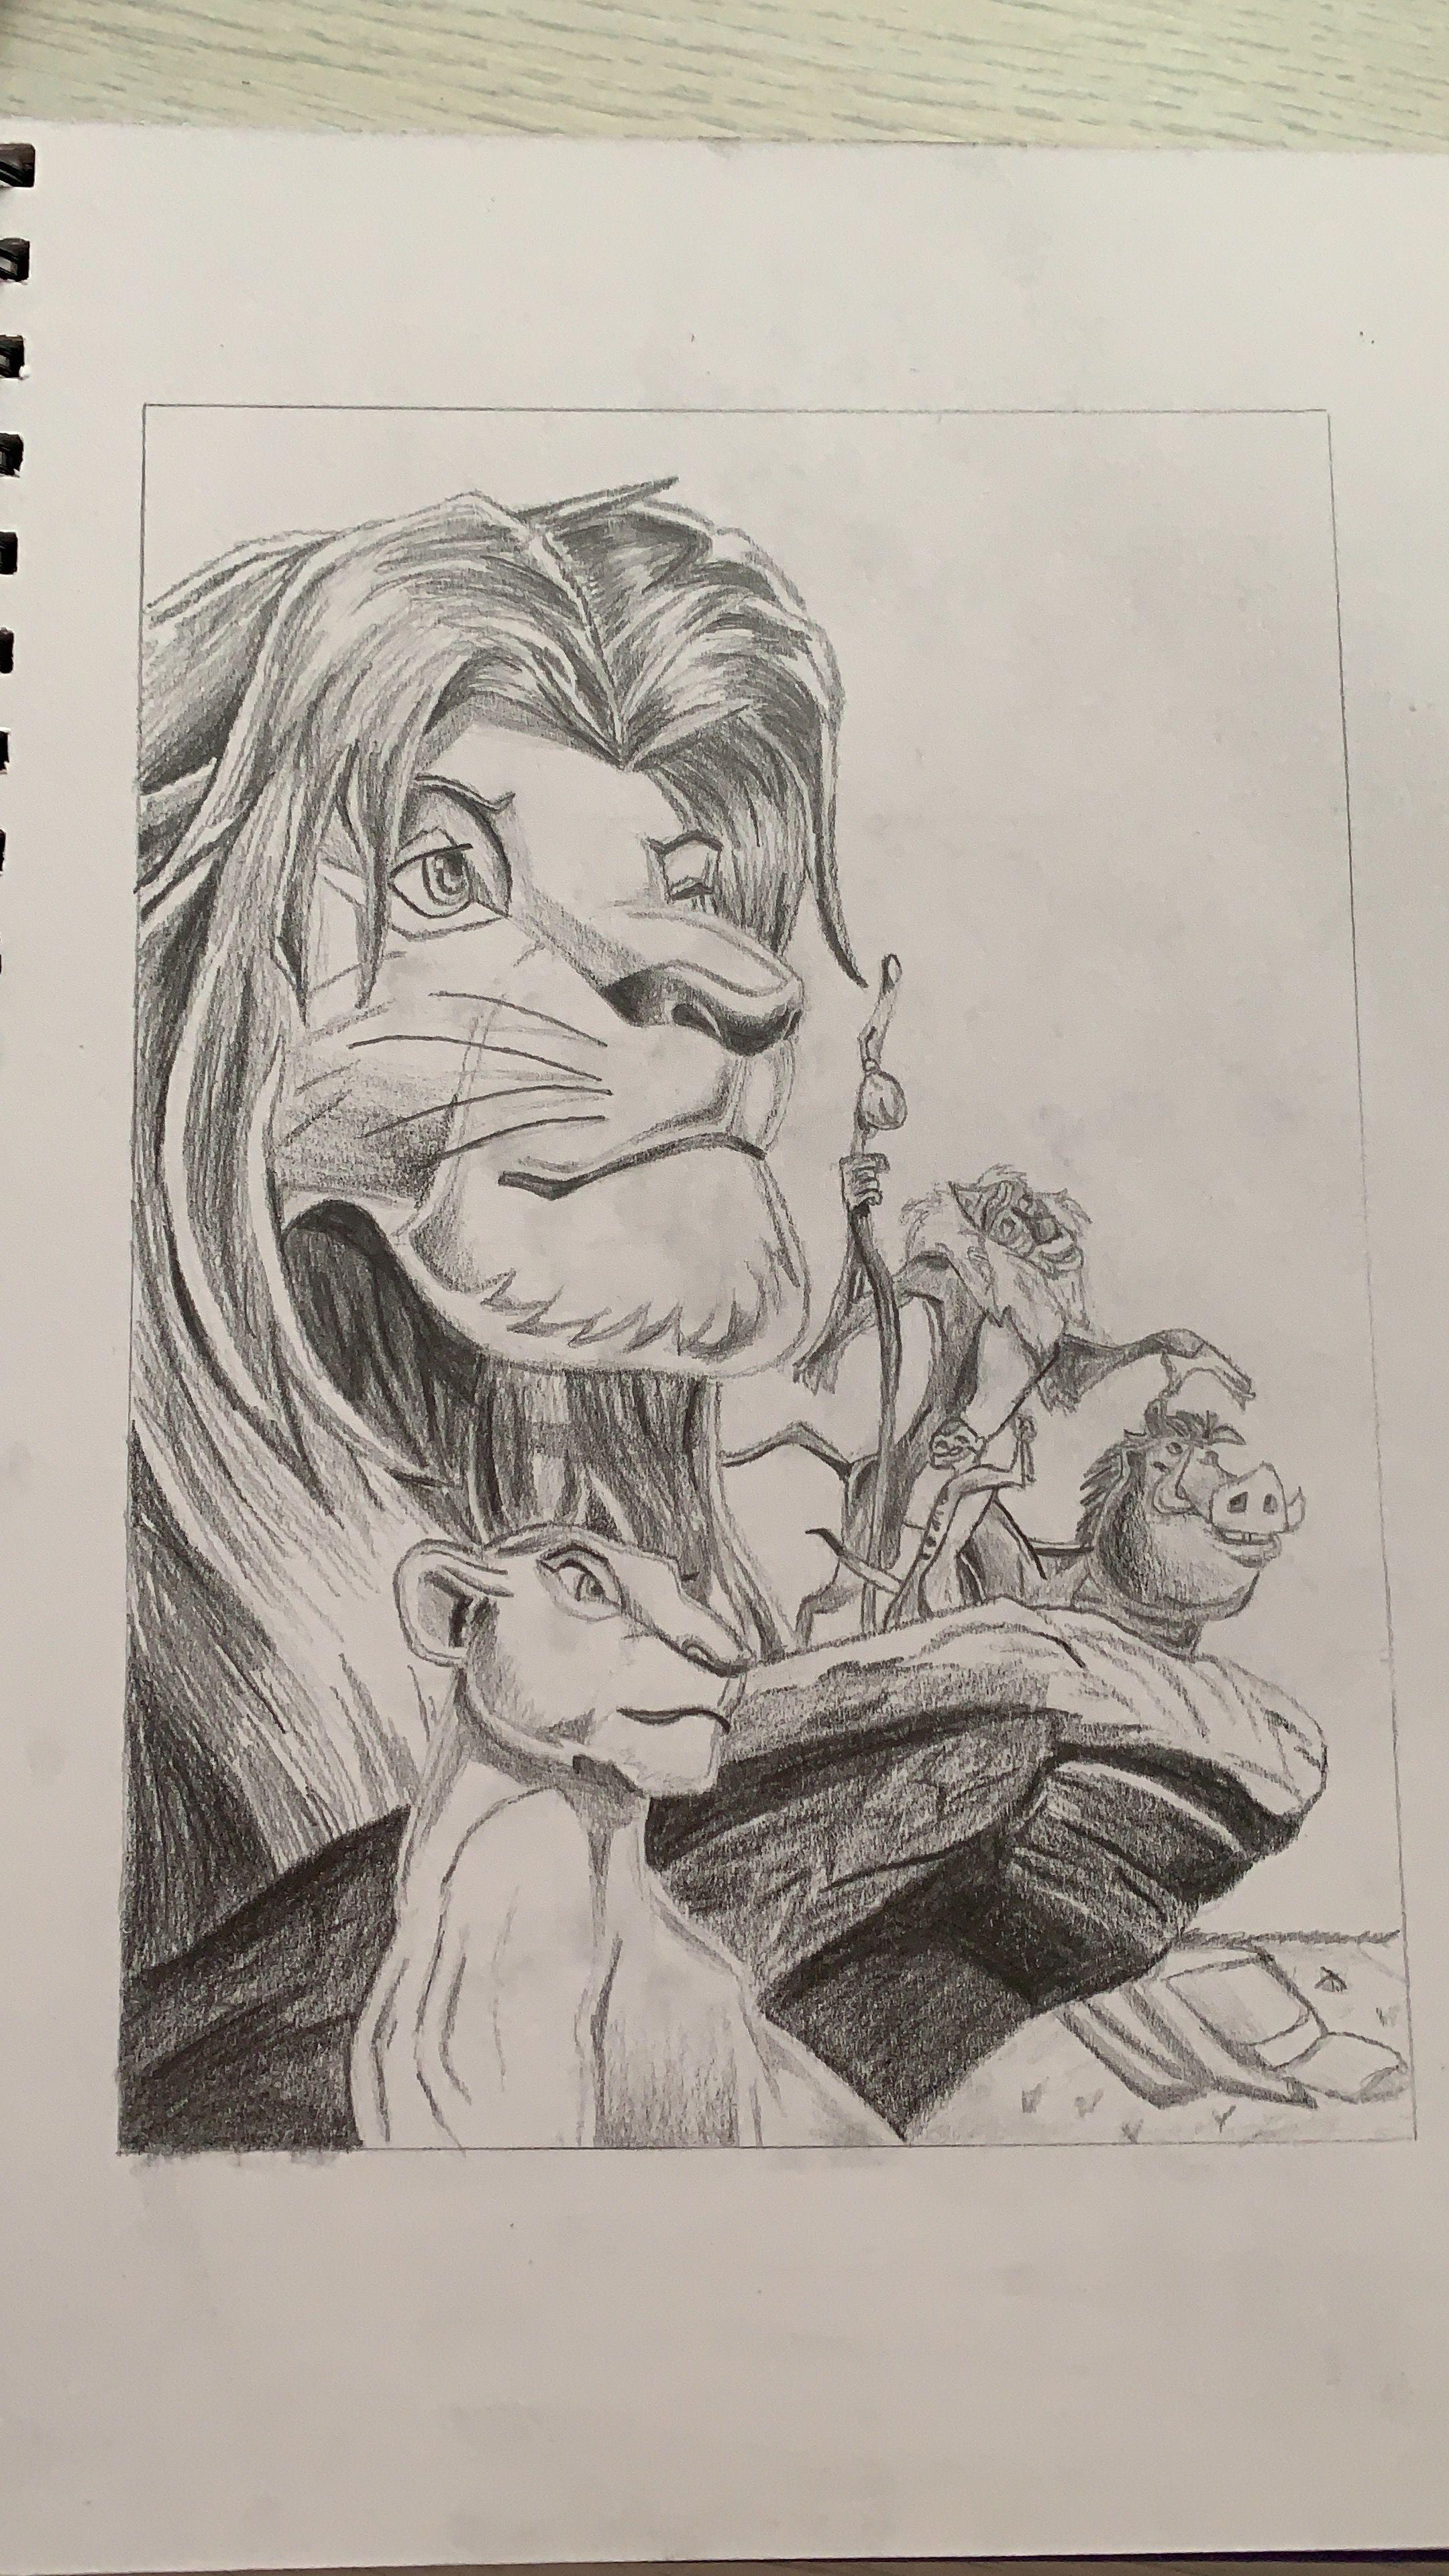 Dibujo A Lapiz Facil De El Rey Leon Dibujos Dibujo De Animales